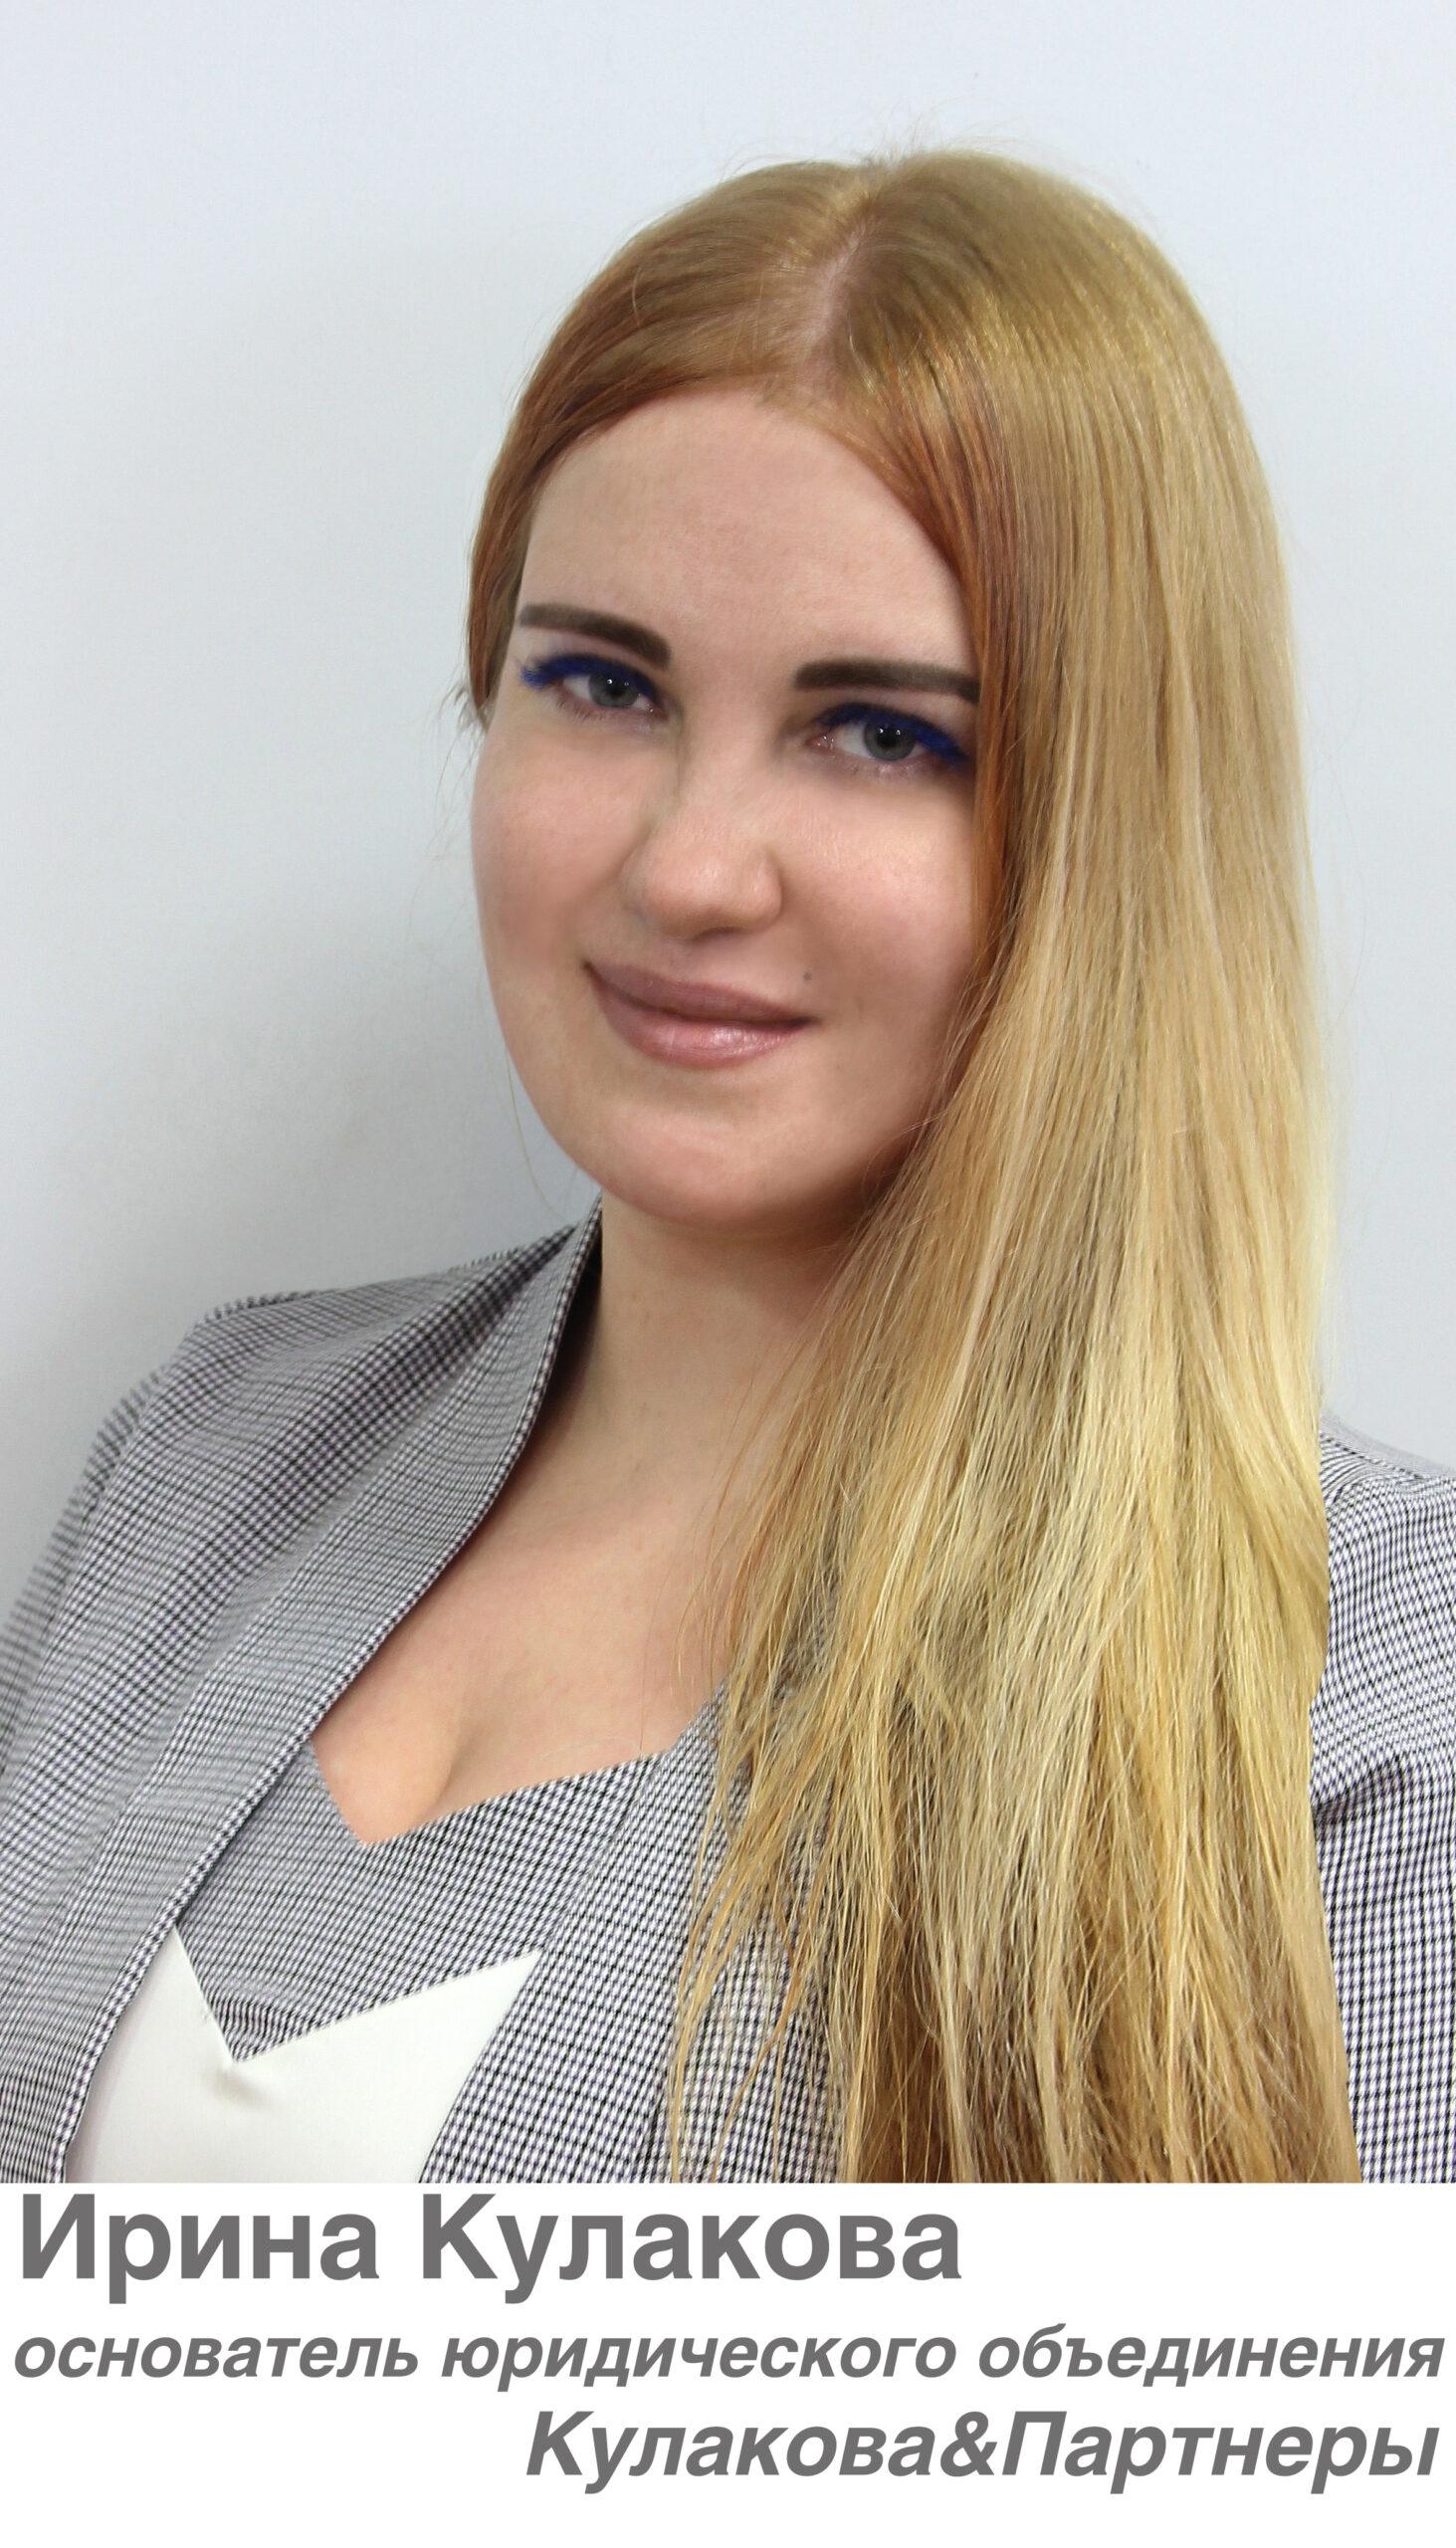 Ирина Кулакова Юридические услуги